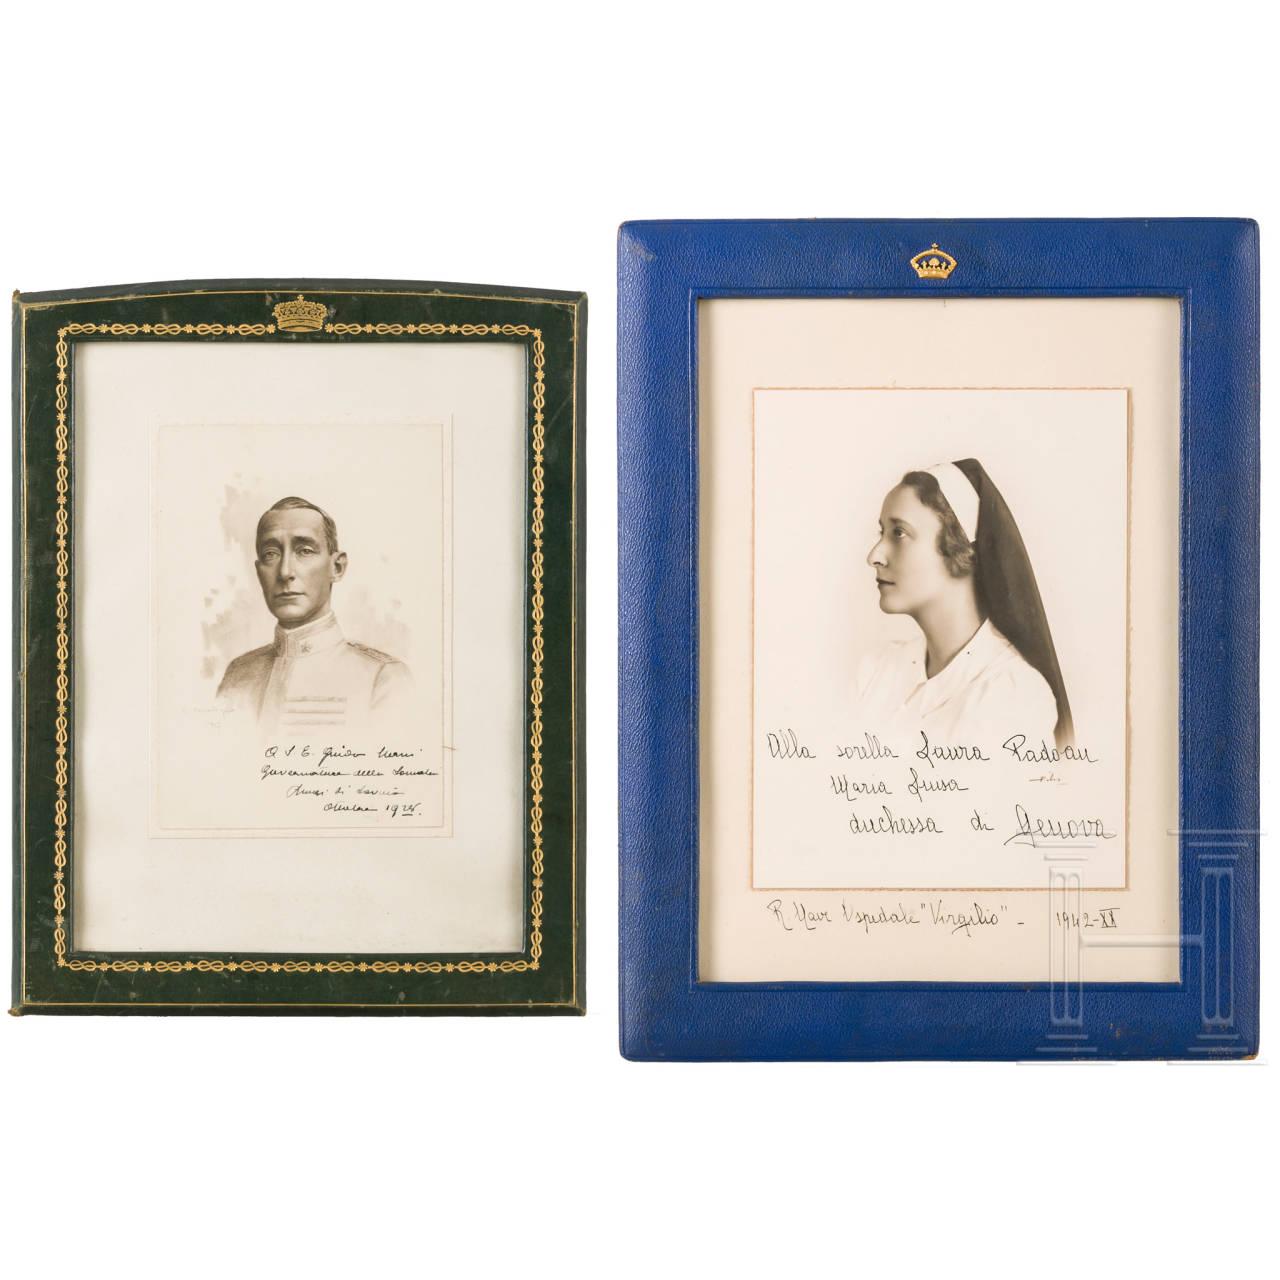 Zwei handsignierte Fotos des italienischen Königshauses